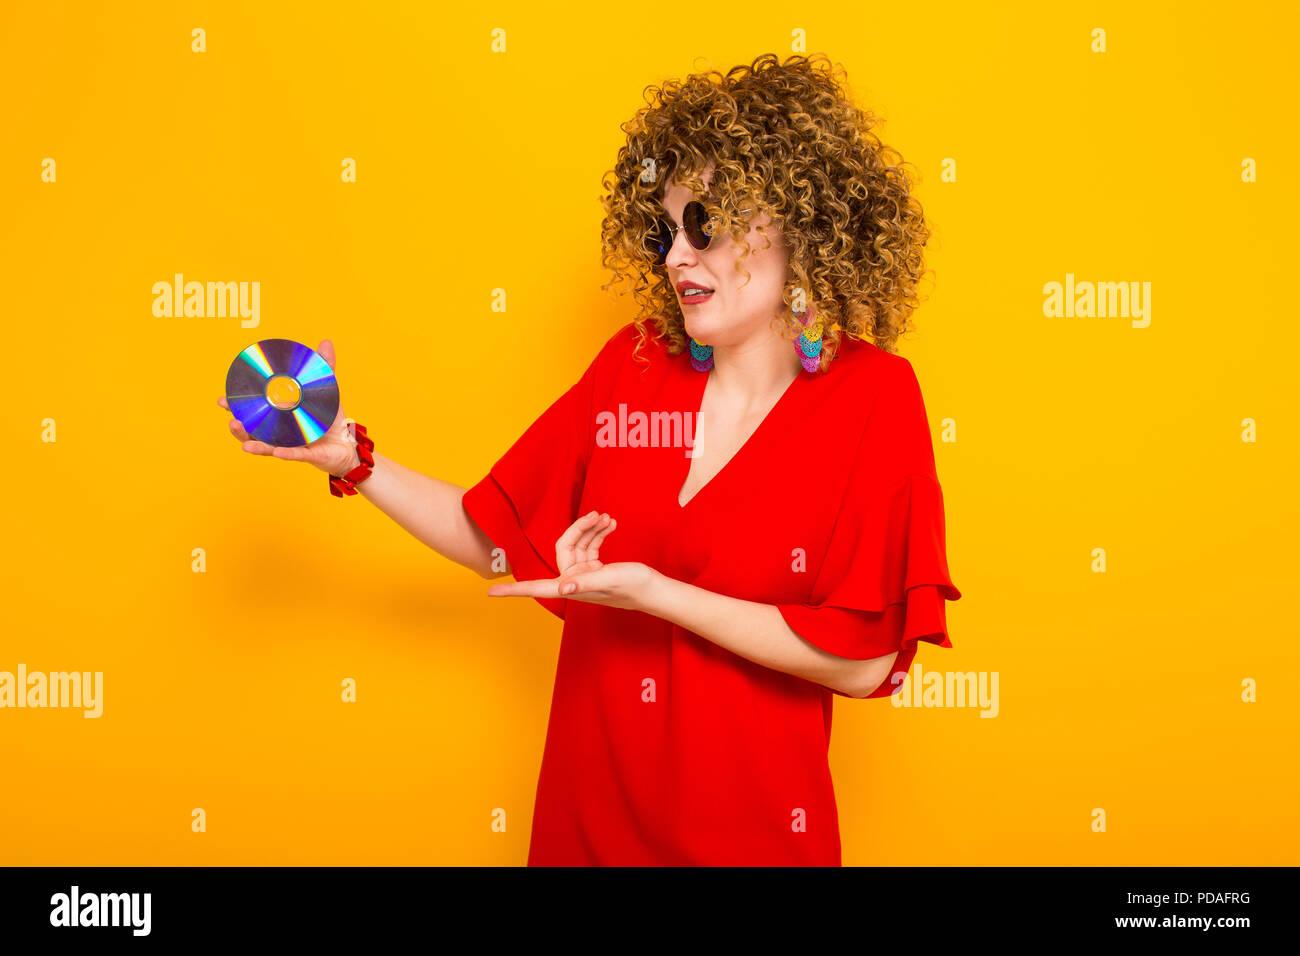 Jolie femme avec les cheveux bouclés avec disc Photo Stock